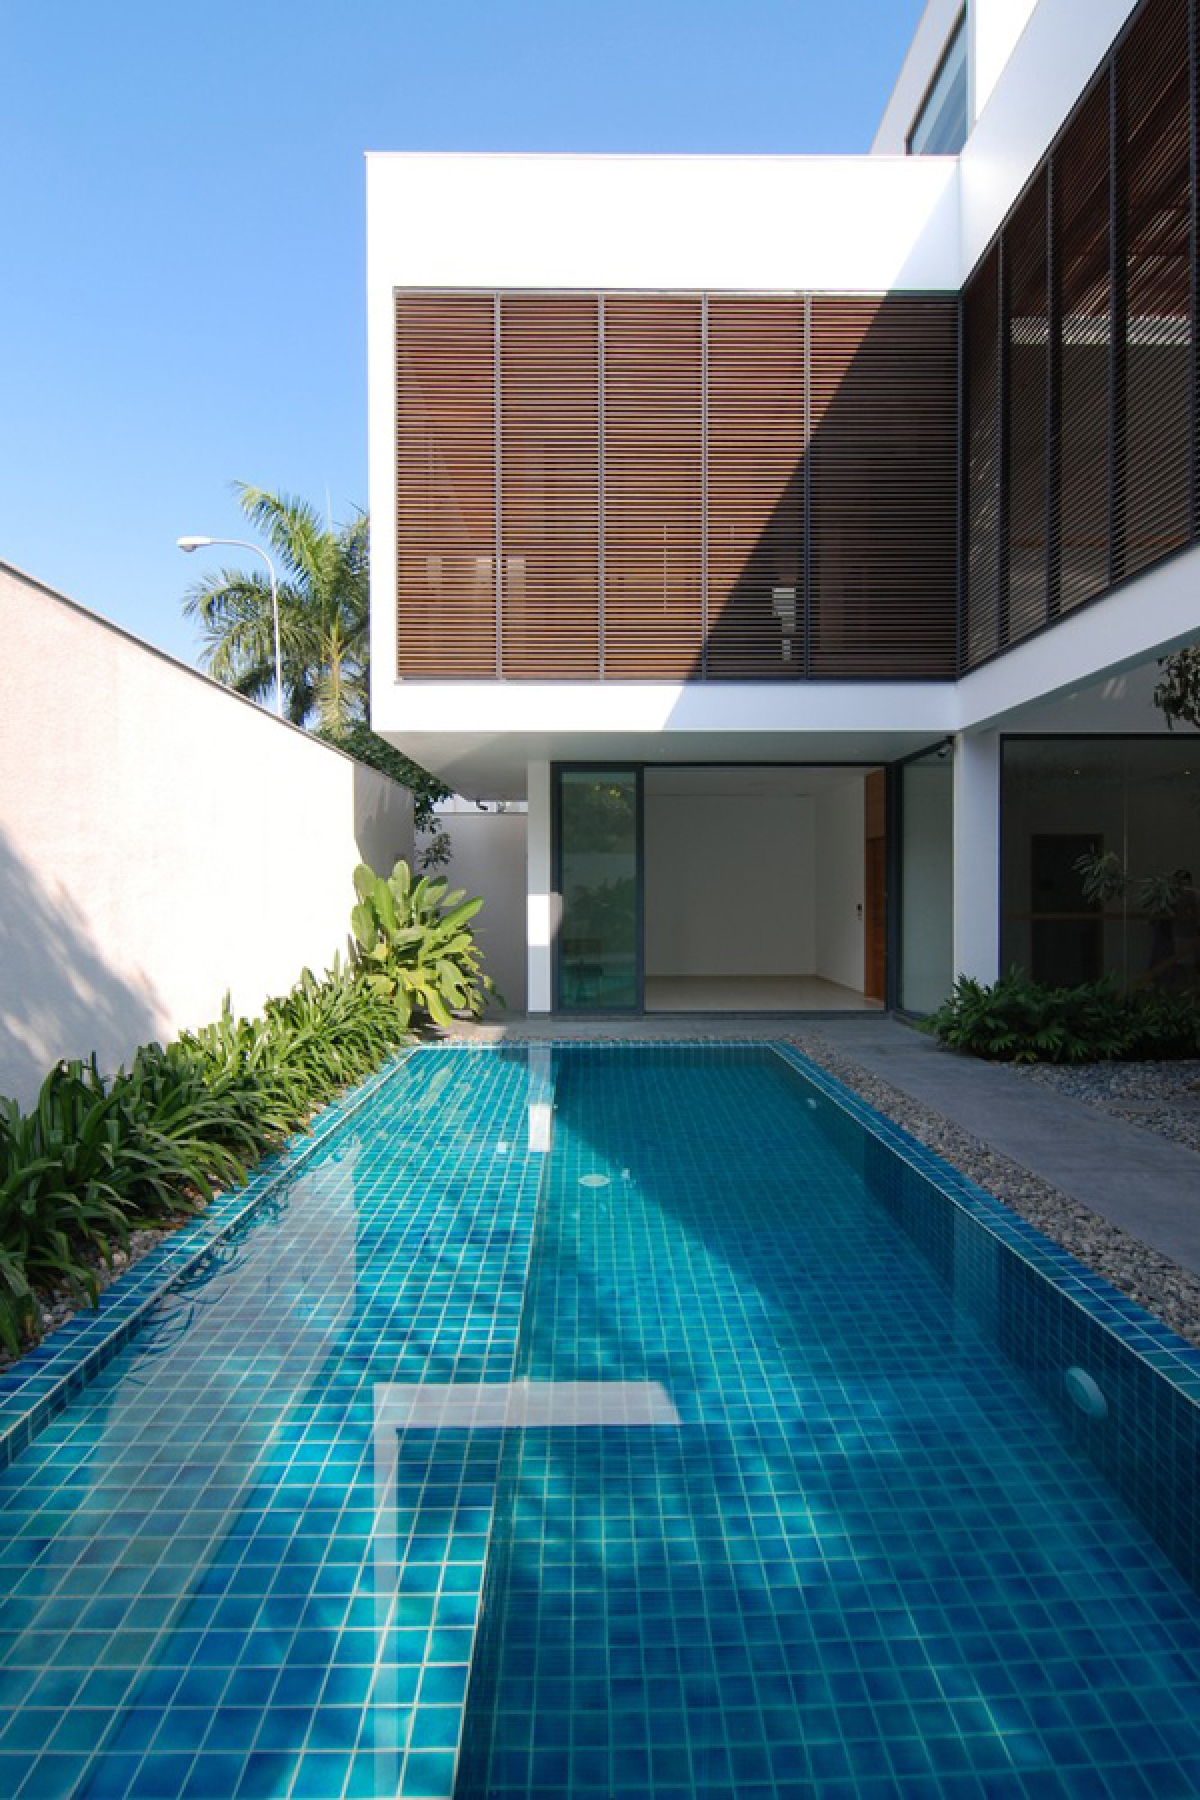 Không gian phòng khách mở ra bể bơi xanh mát phía sau nhà. Tầng trên sử dụng hệ lam chắn nắng tạo sự kín đáo mà vẫn thông thoáng.